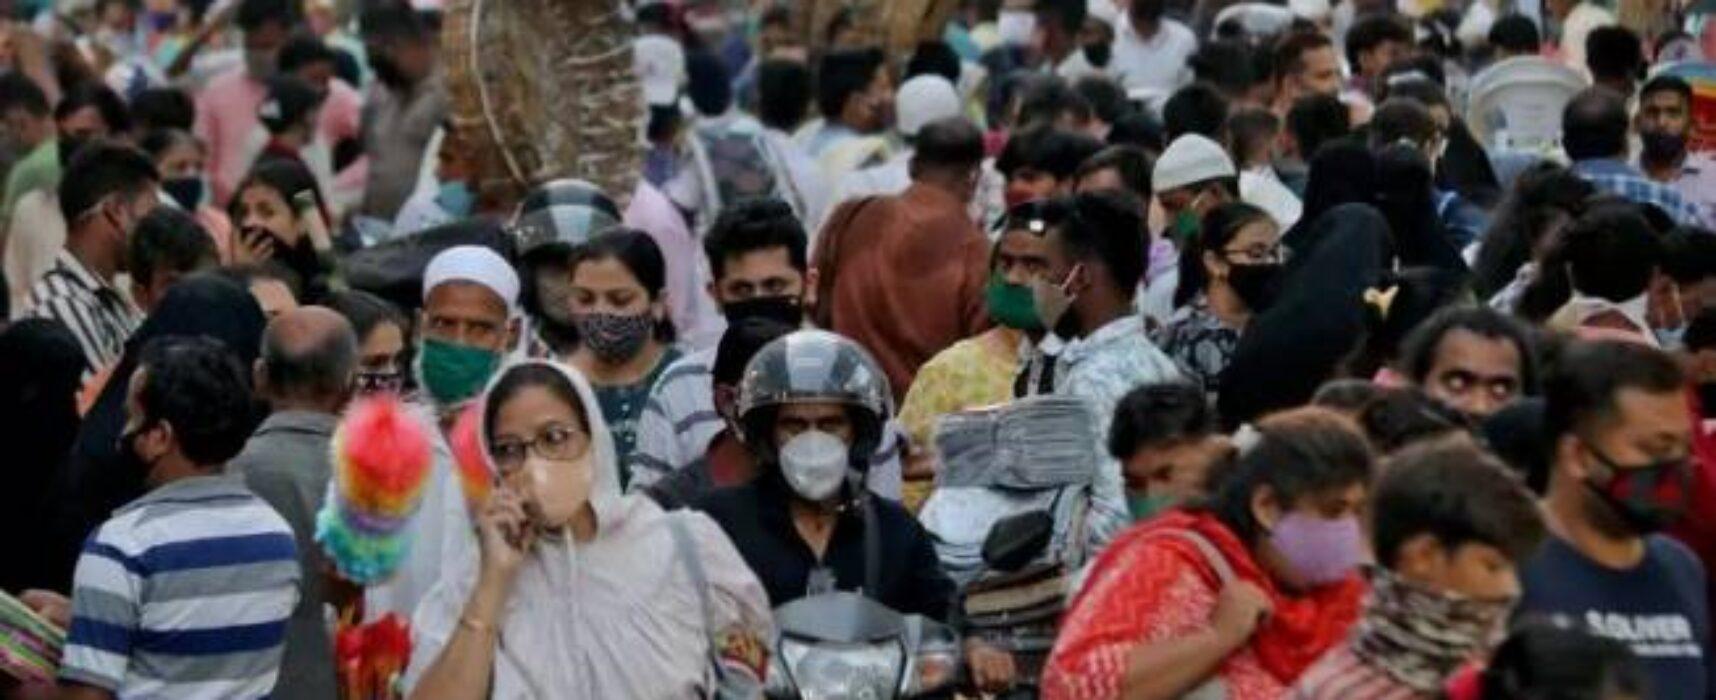 Índia bate recorde de casos e enfrenta carência de vacinas contra covid-19